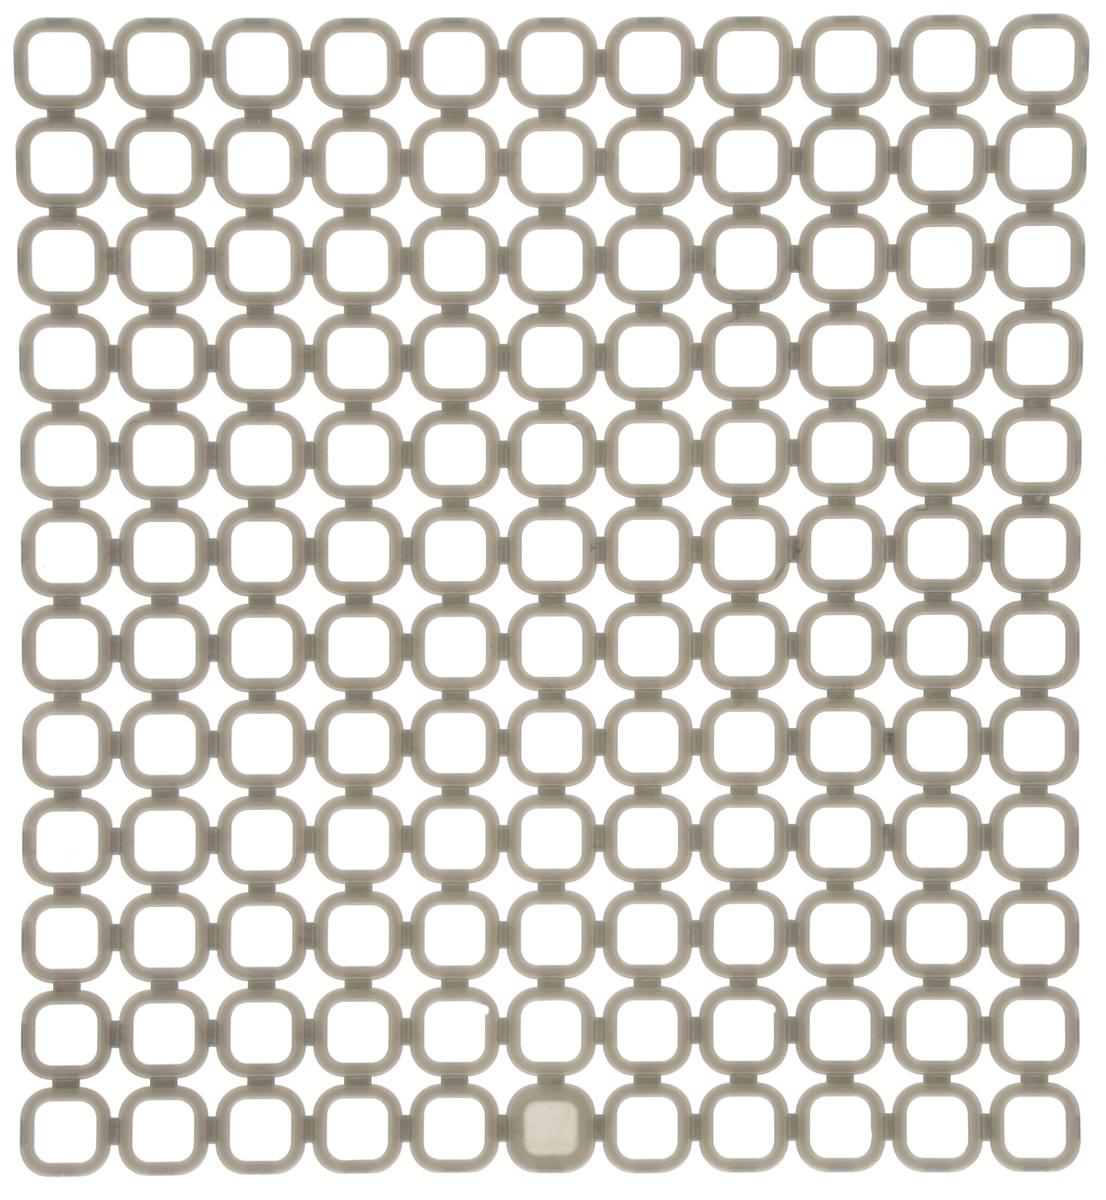 Коврик для раковины Tescoma Online, цвет: серый, 29 x 27 см900842_серыйСтильный и удобный коврик для раковины Tescoma Online выполнен из пластика. Он одновременно выполняет несколько функций: украшает, защищает мойку от царапин и сколов, смягчает удары при падении посуды в мойку, препятствует разбрызгиванию струи воды. Коврик также можно использовать для сушки посуды, фруктов и овощей. Можно мыть в посудомоечной машине.